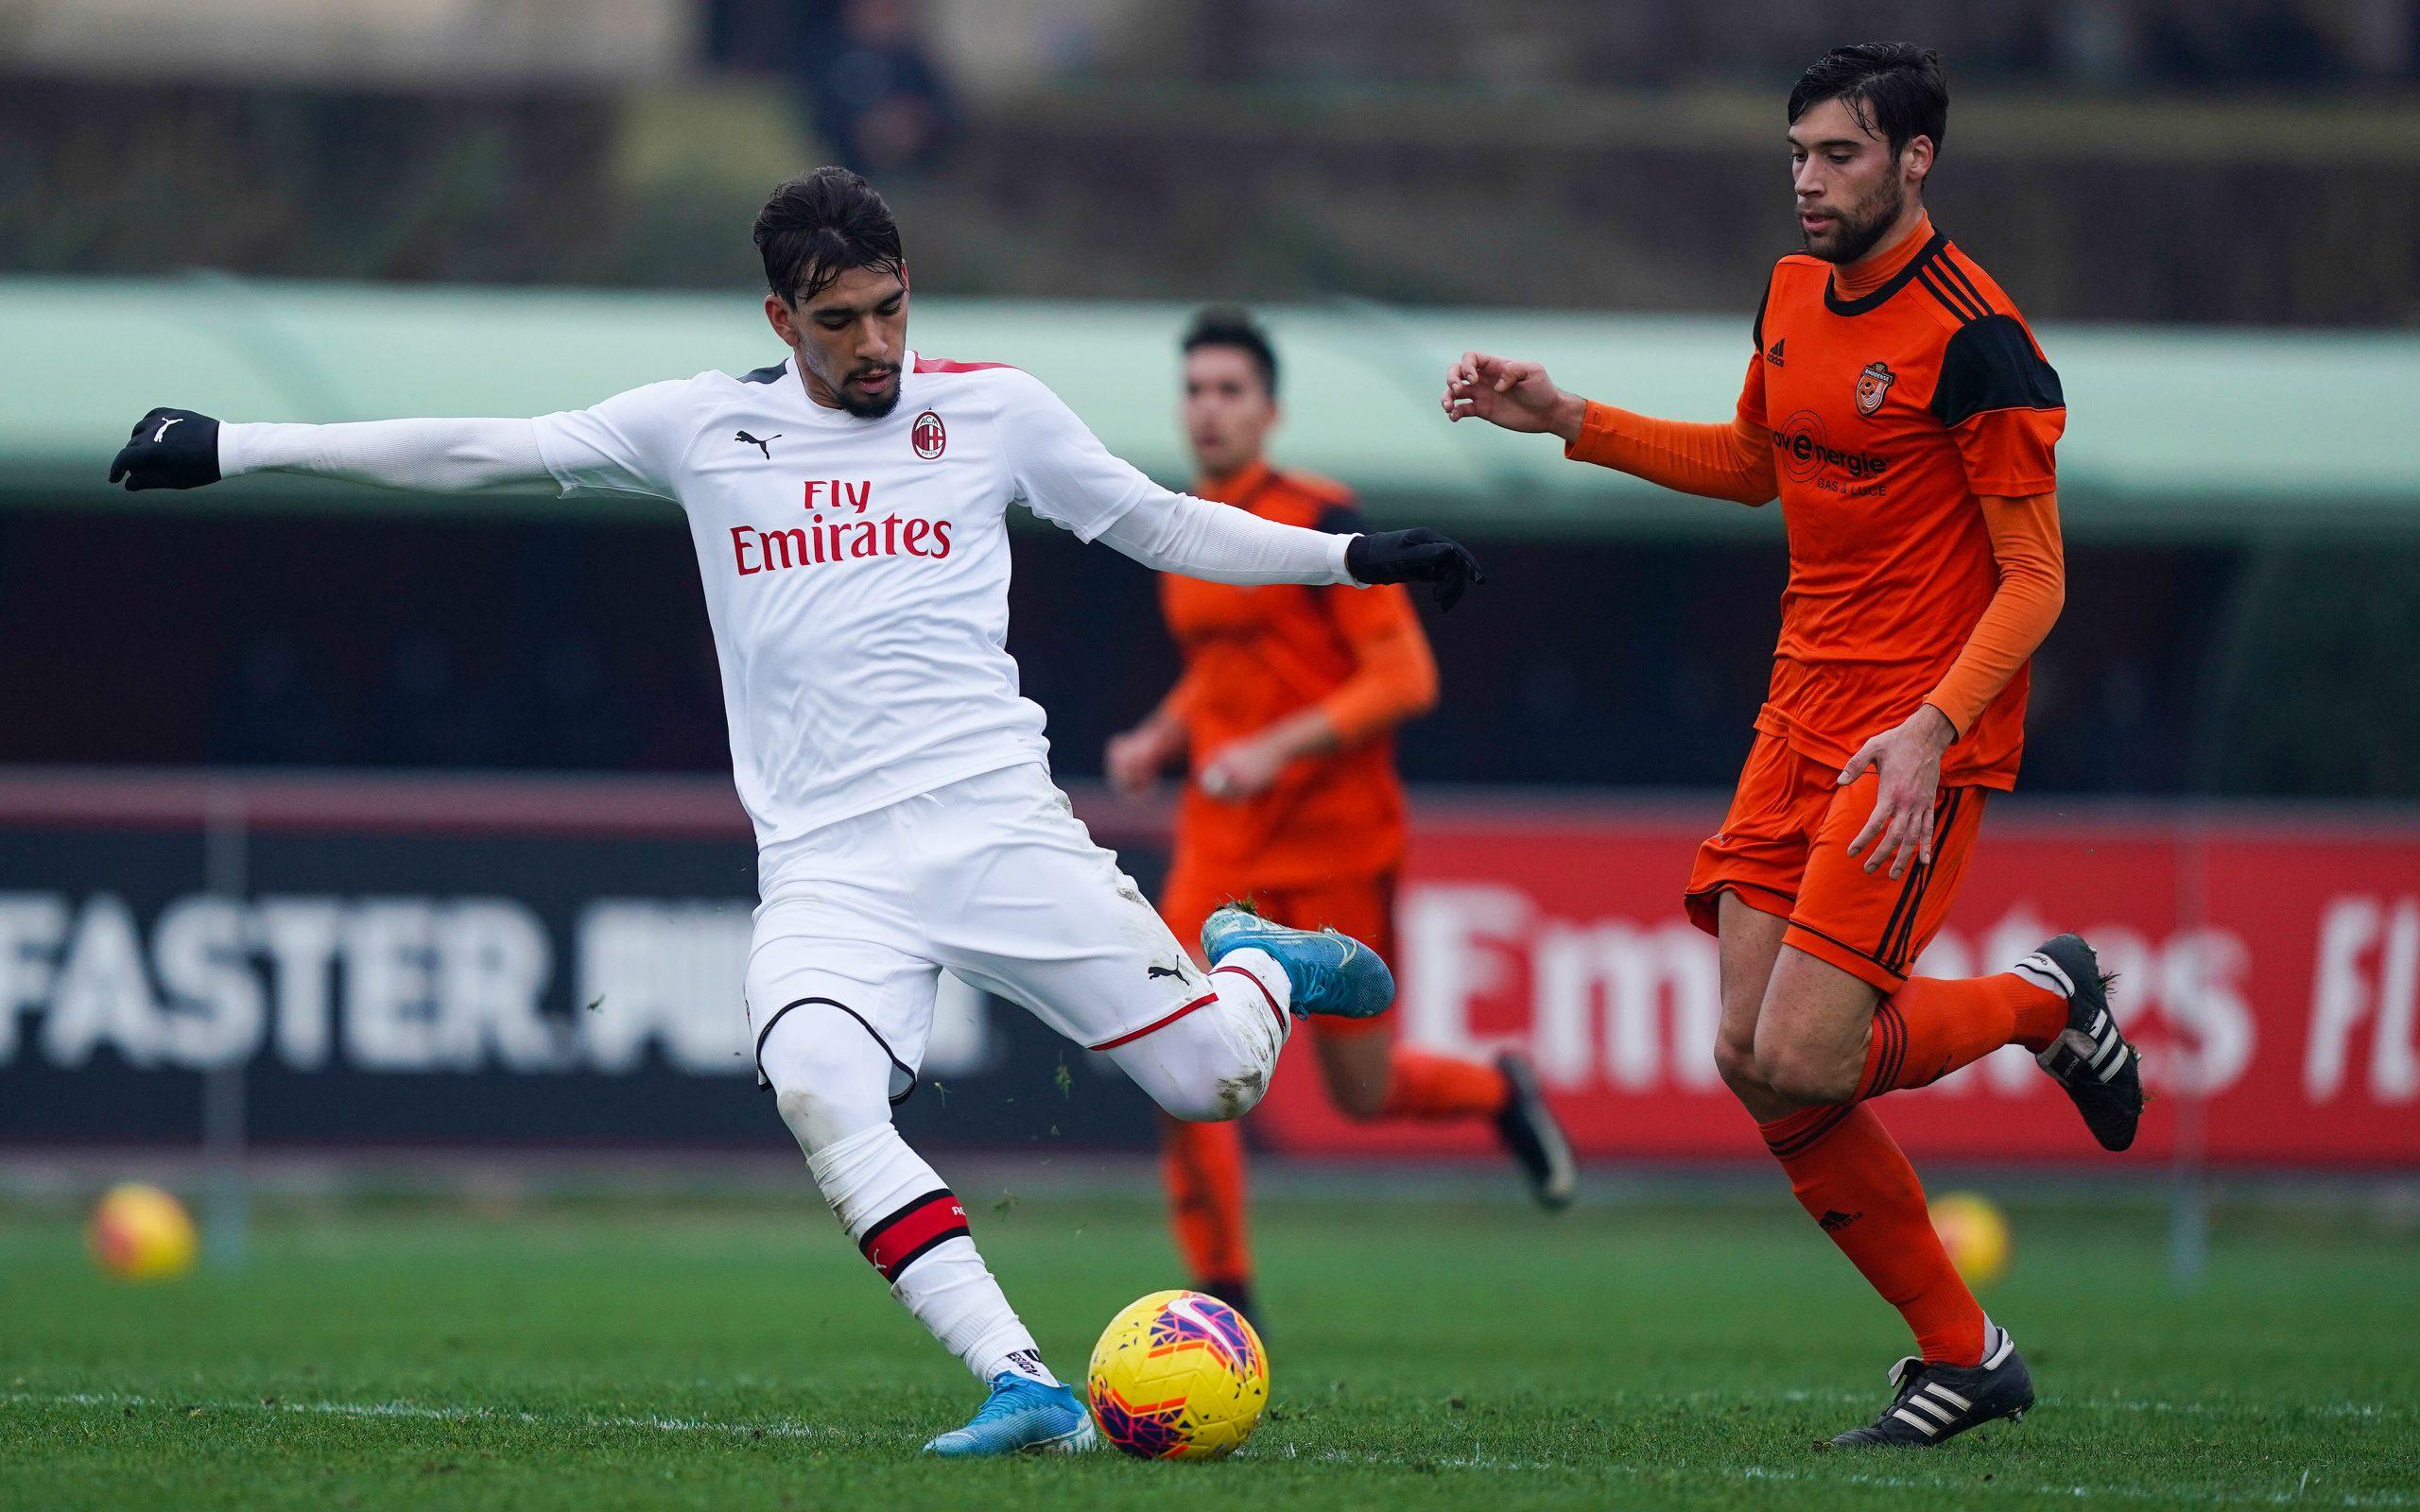 Mercato - L'AC Milan intéressé par Paredes, Herrera ou Draxler pour un échange avec Paqueta, selon Tuttosport